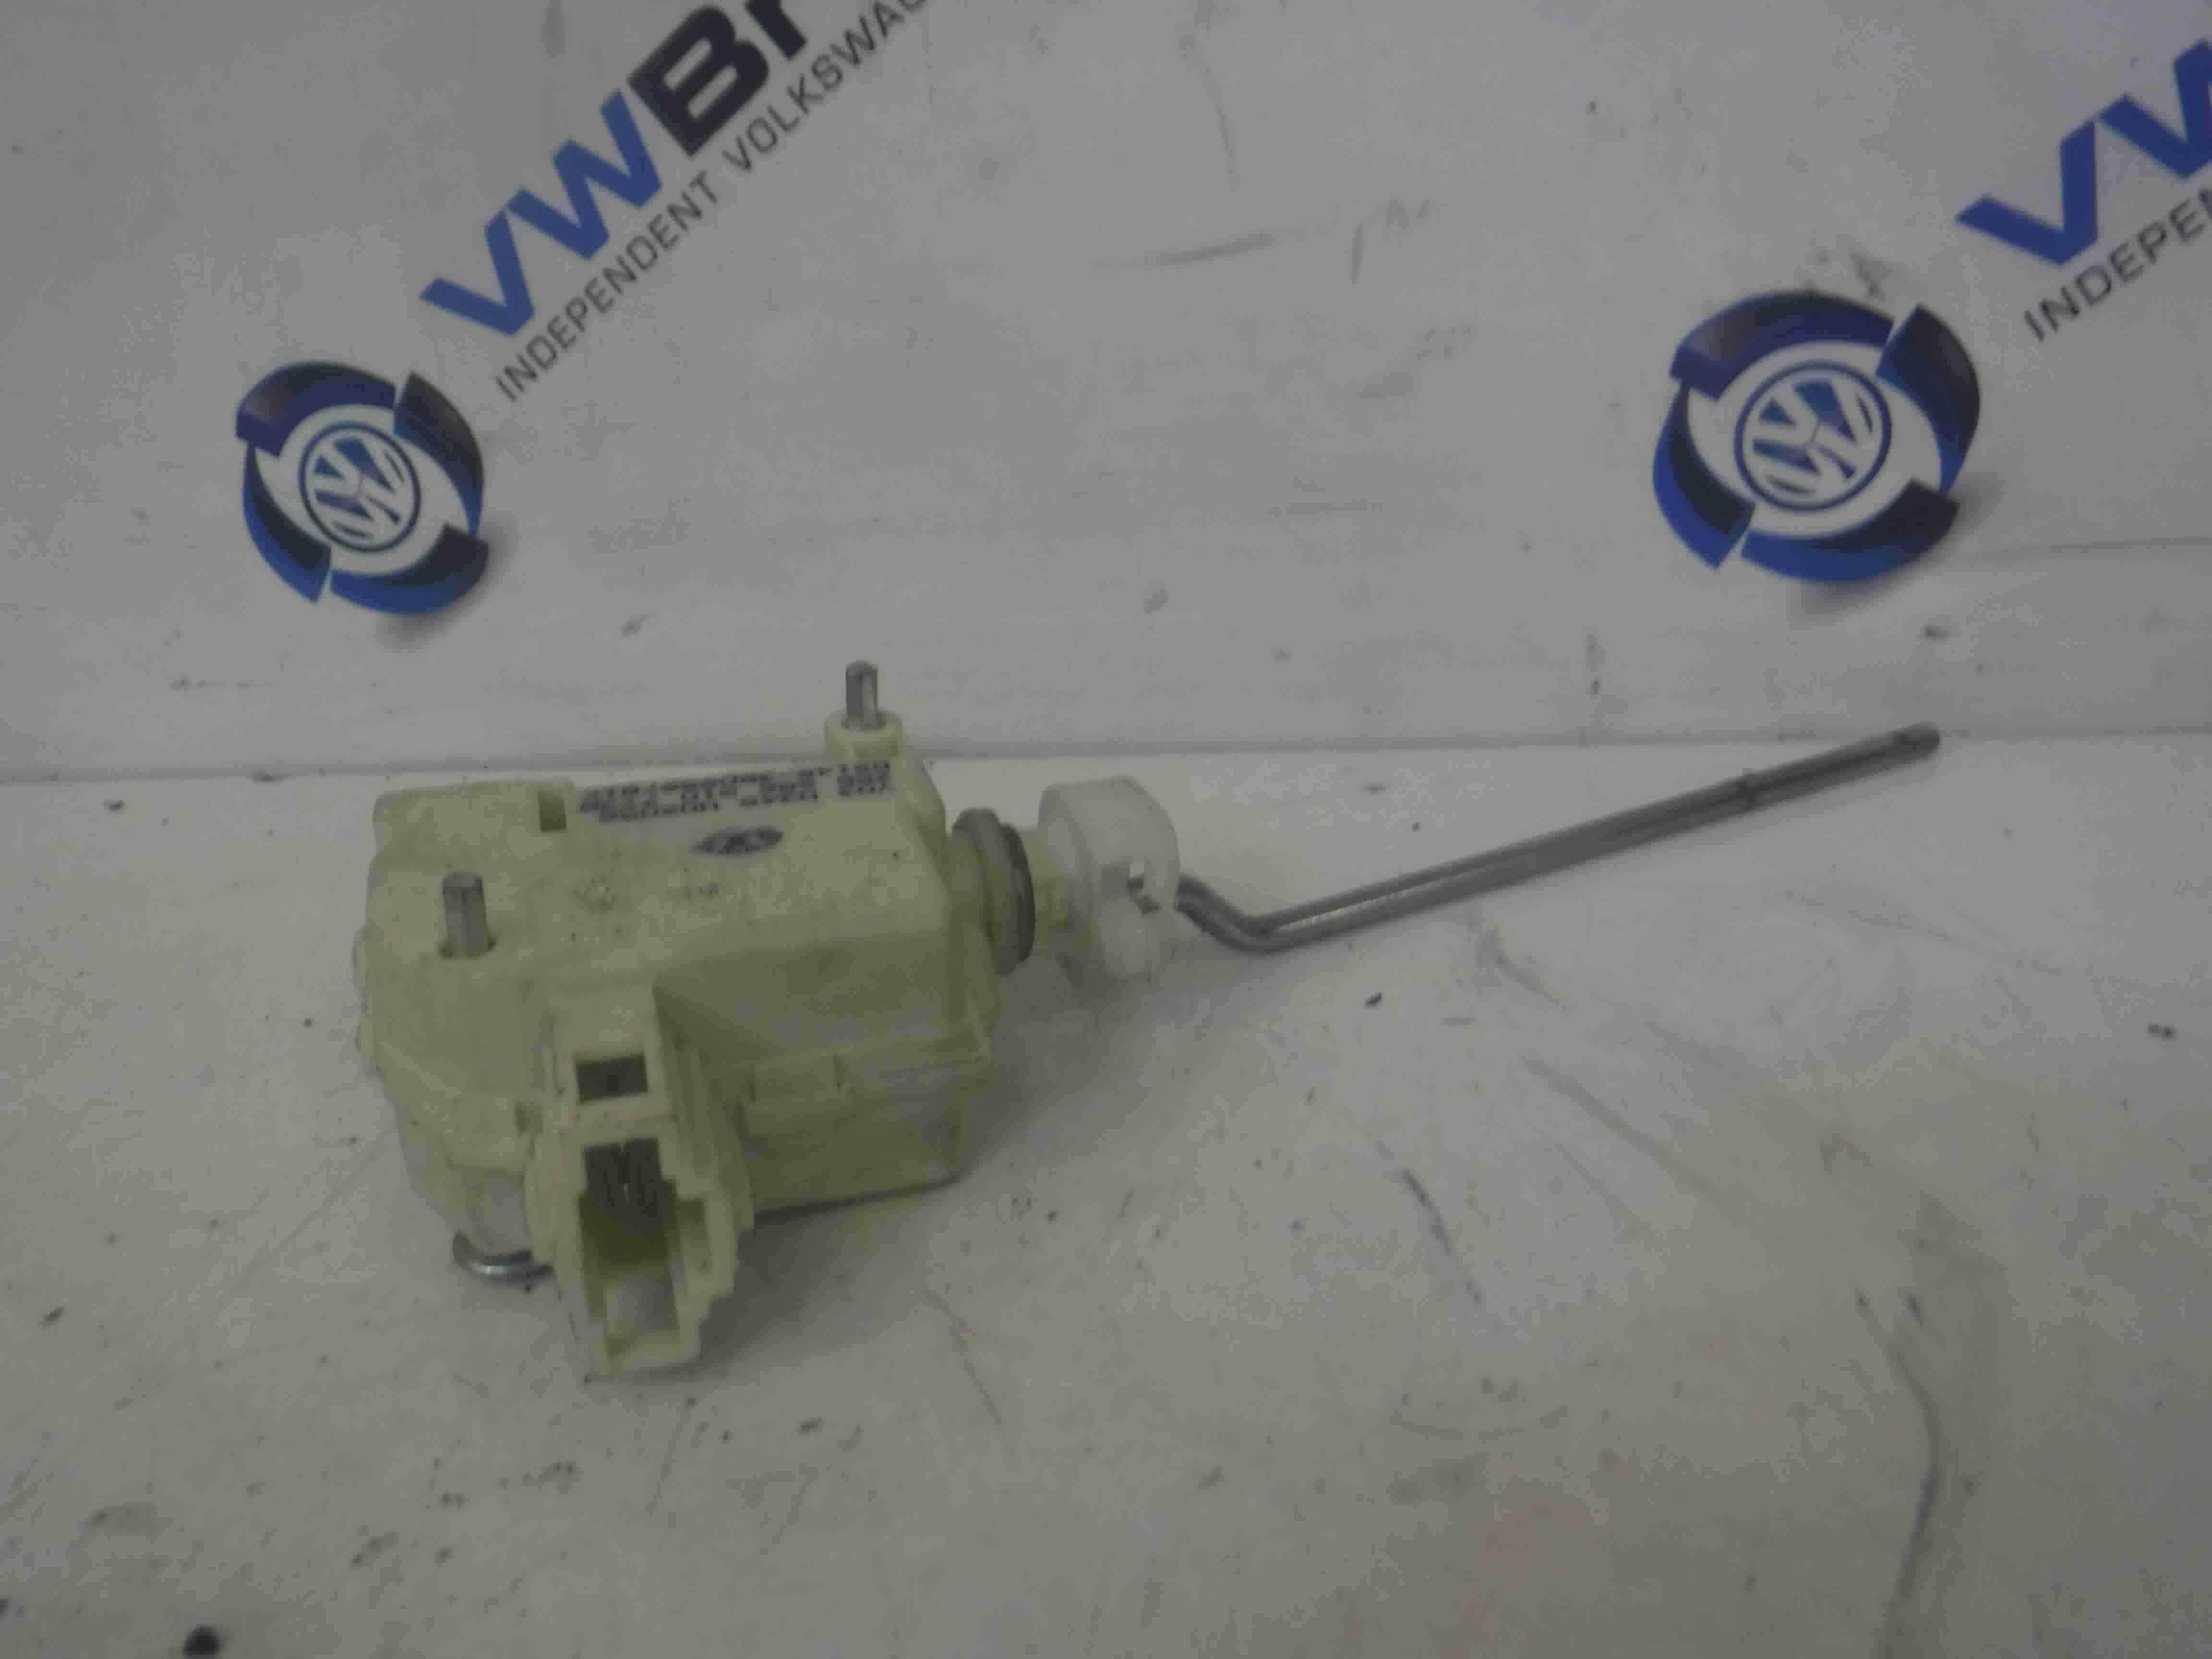 Volkswagen Polo 9N 2003-2006 Fuel Flap Lock Actuator Solenoid 6Q6810773B